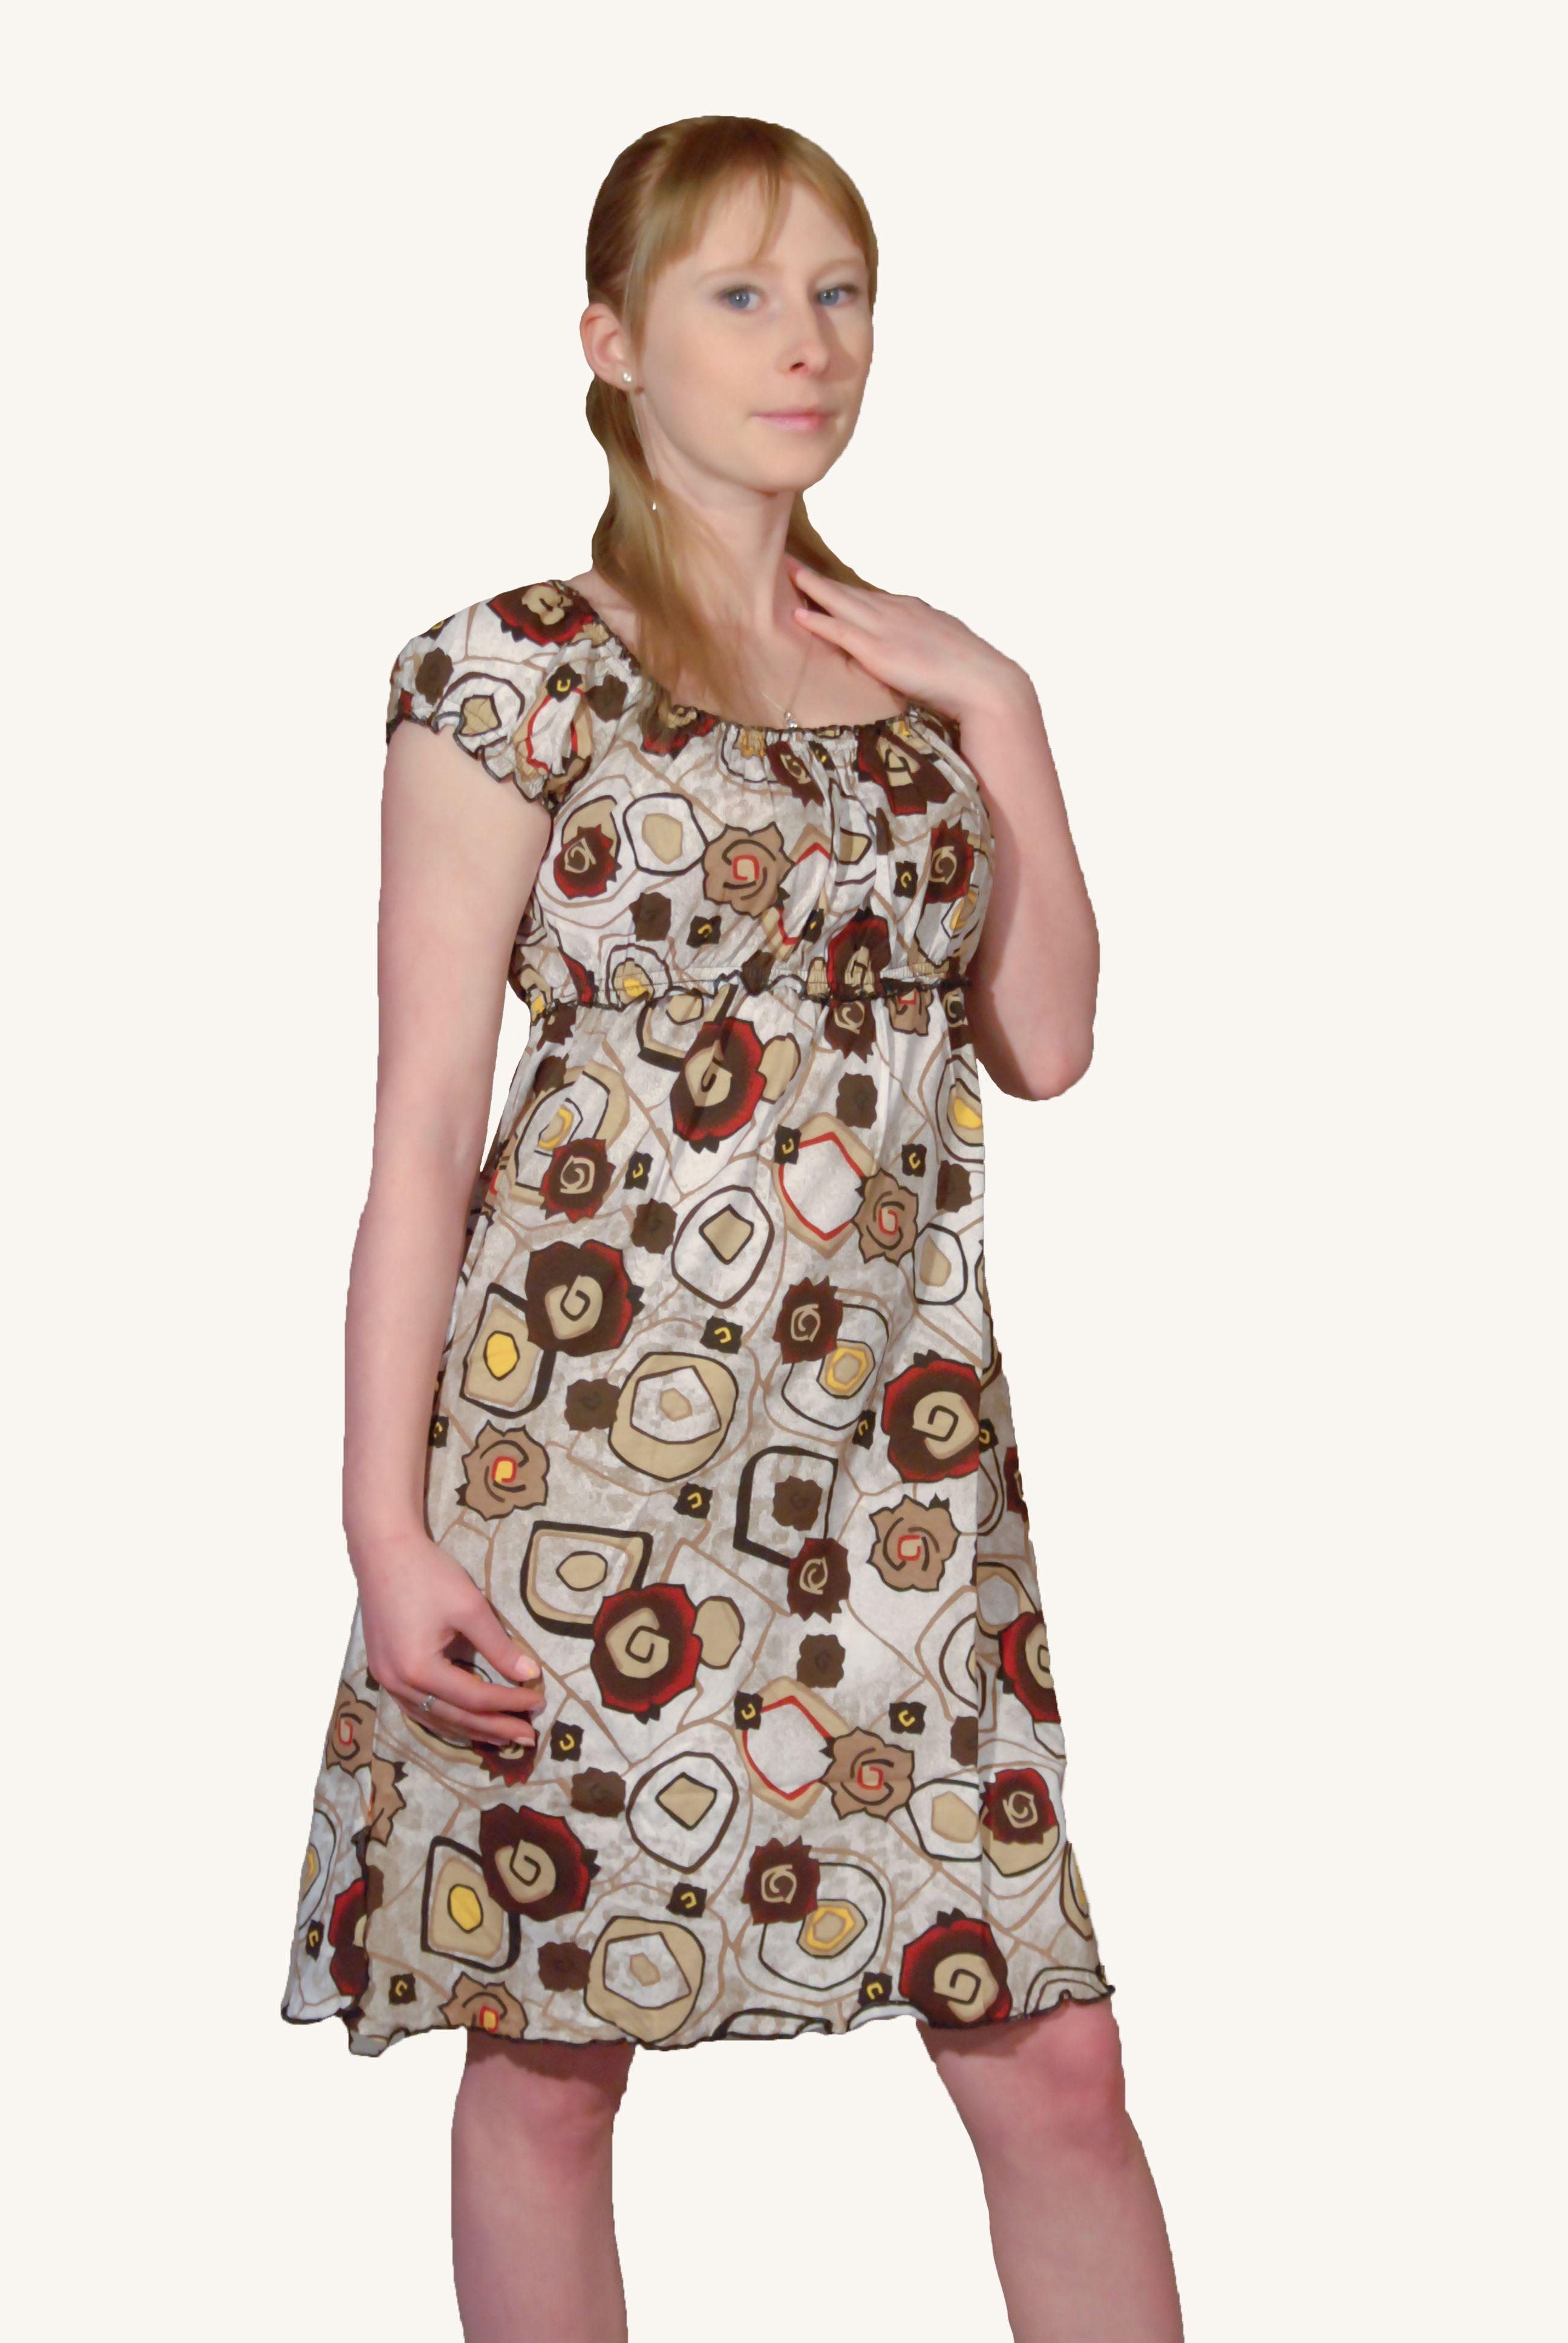 Сарафан Крестьянка (кулирка) | купить ивановский текстиль оптом